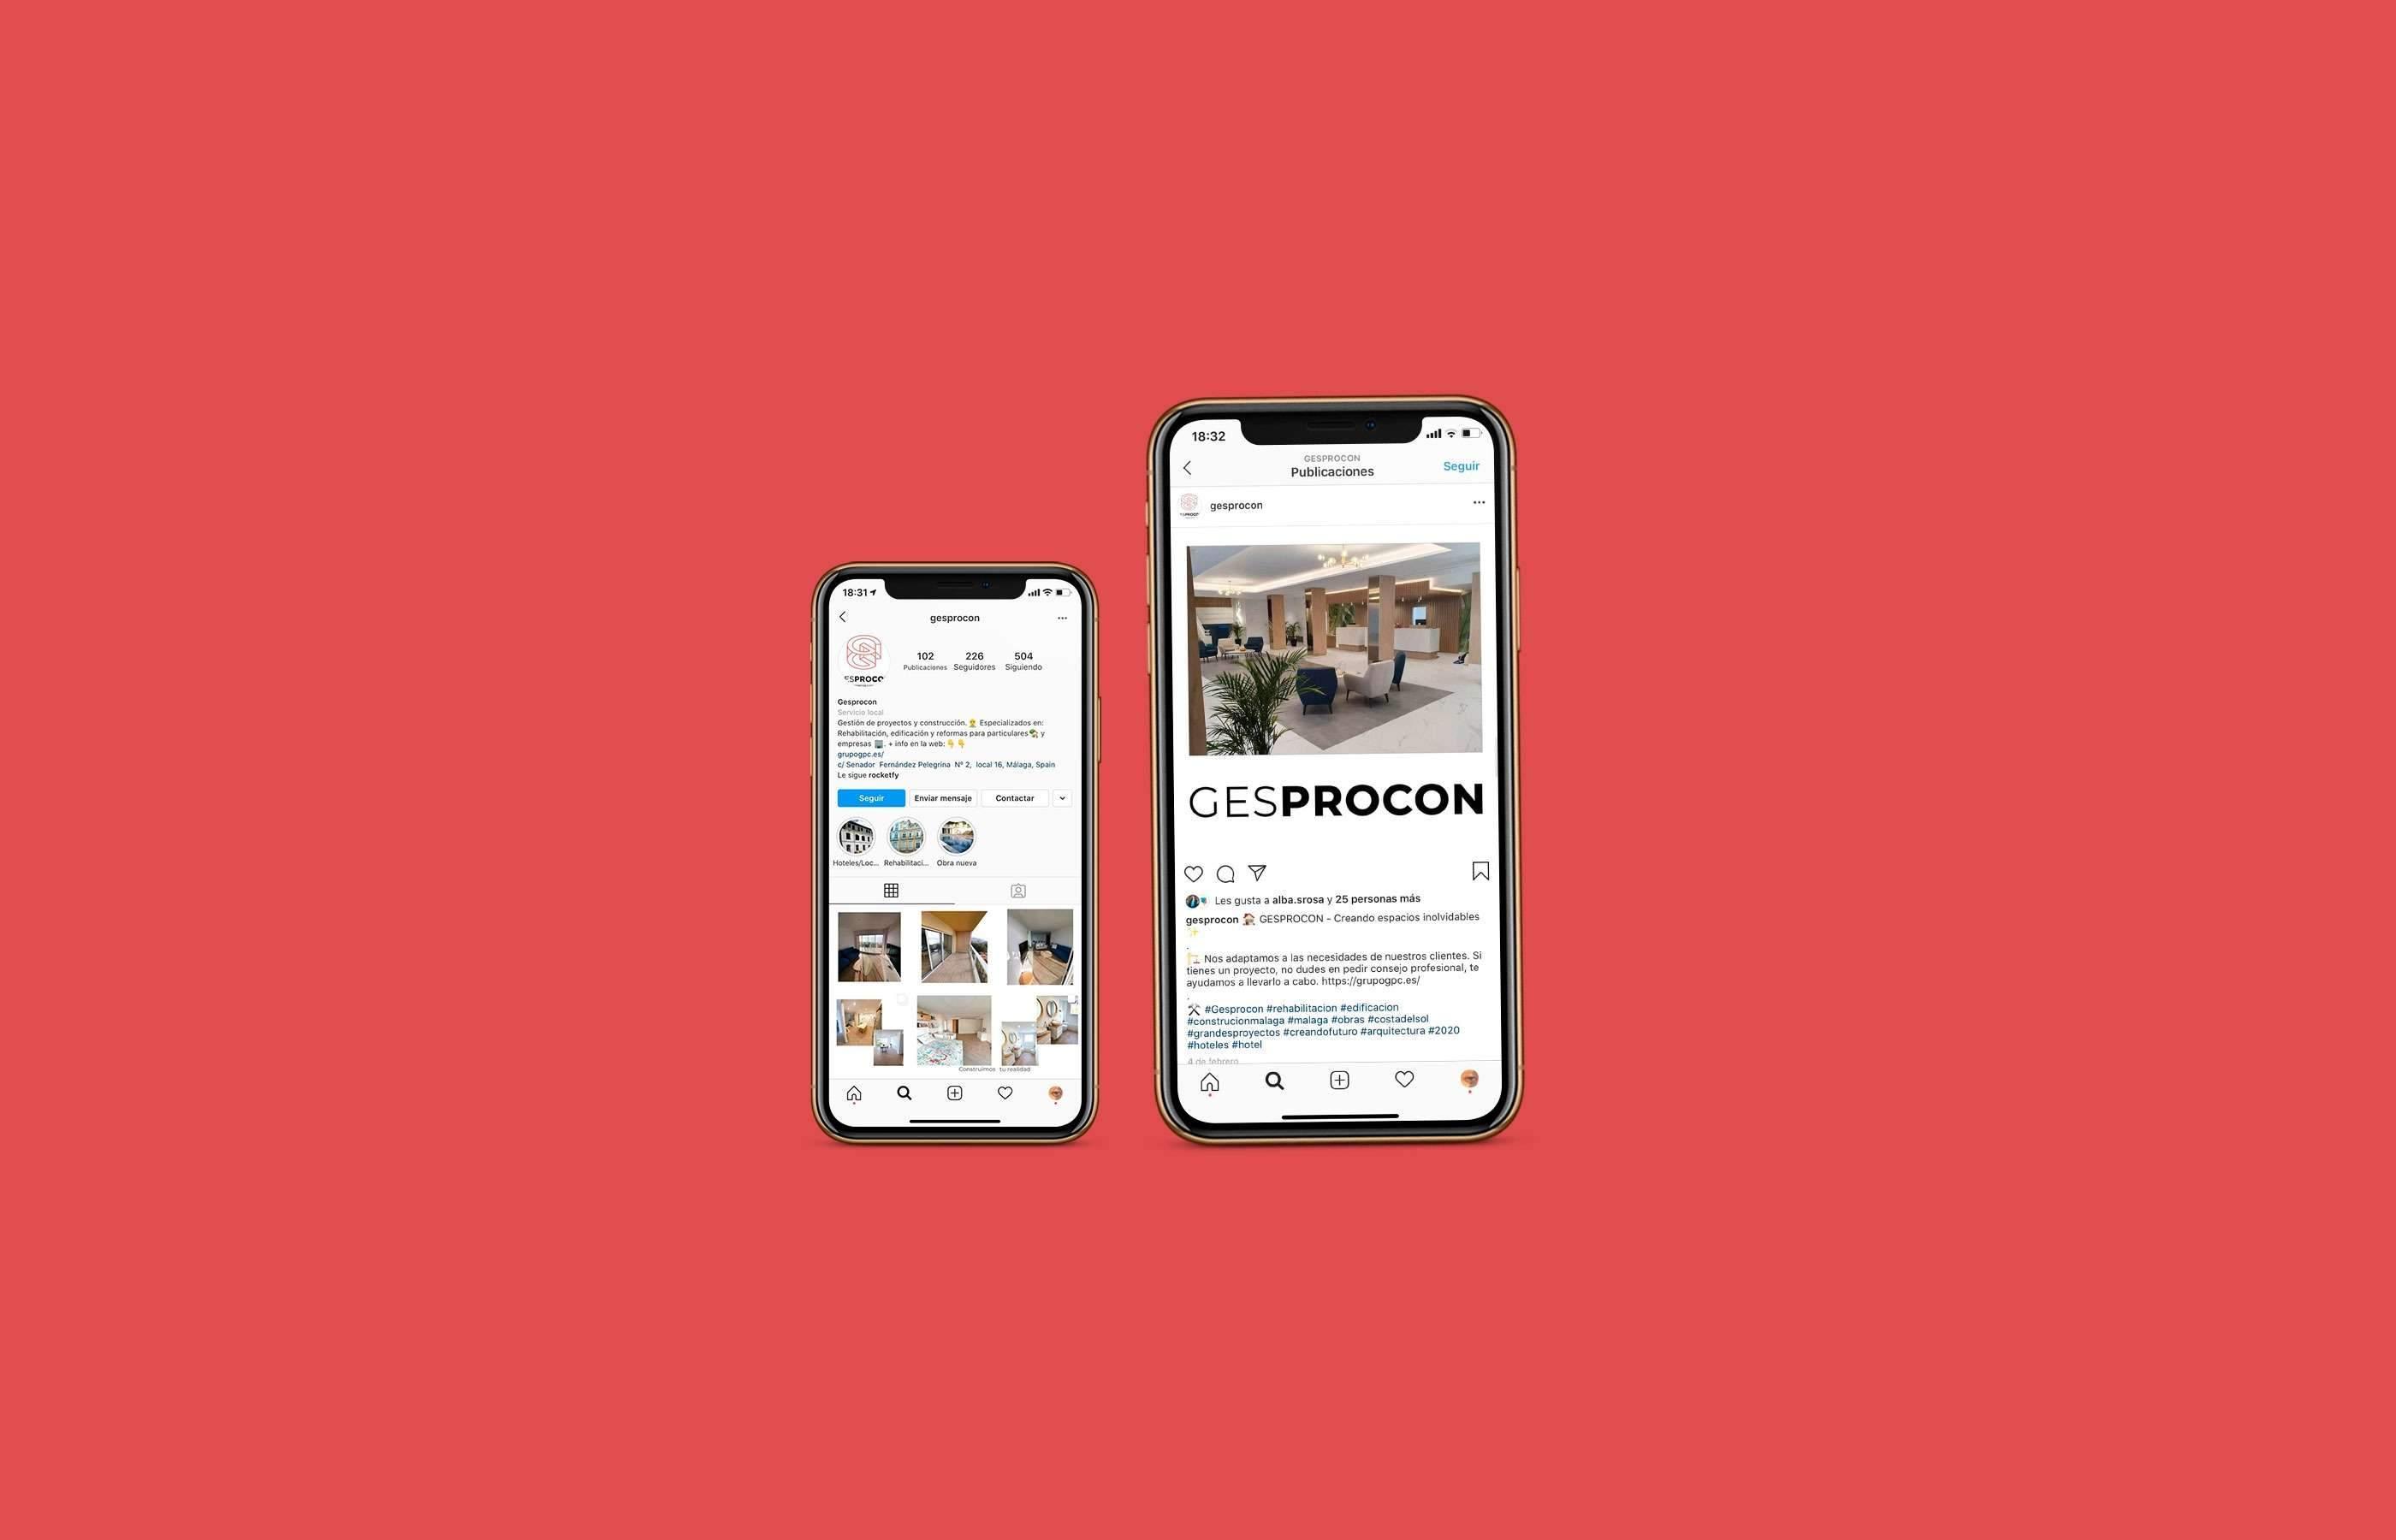 Marketing digital de Gesprocon